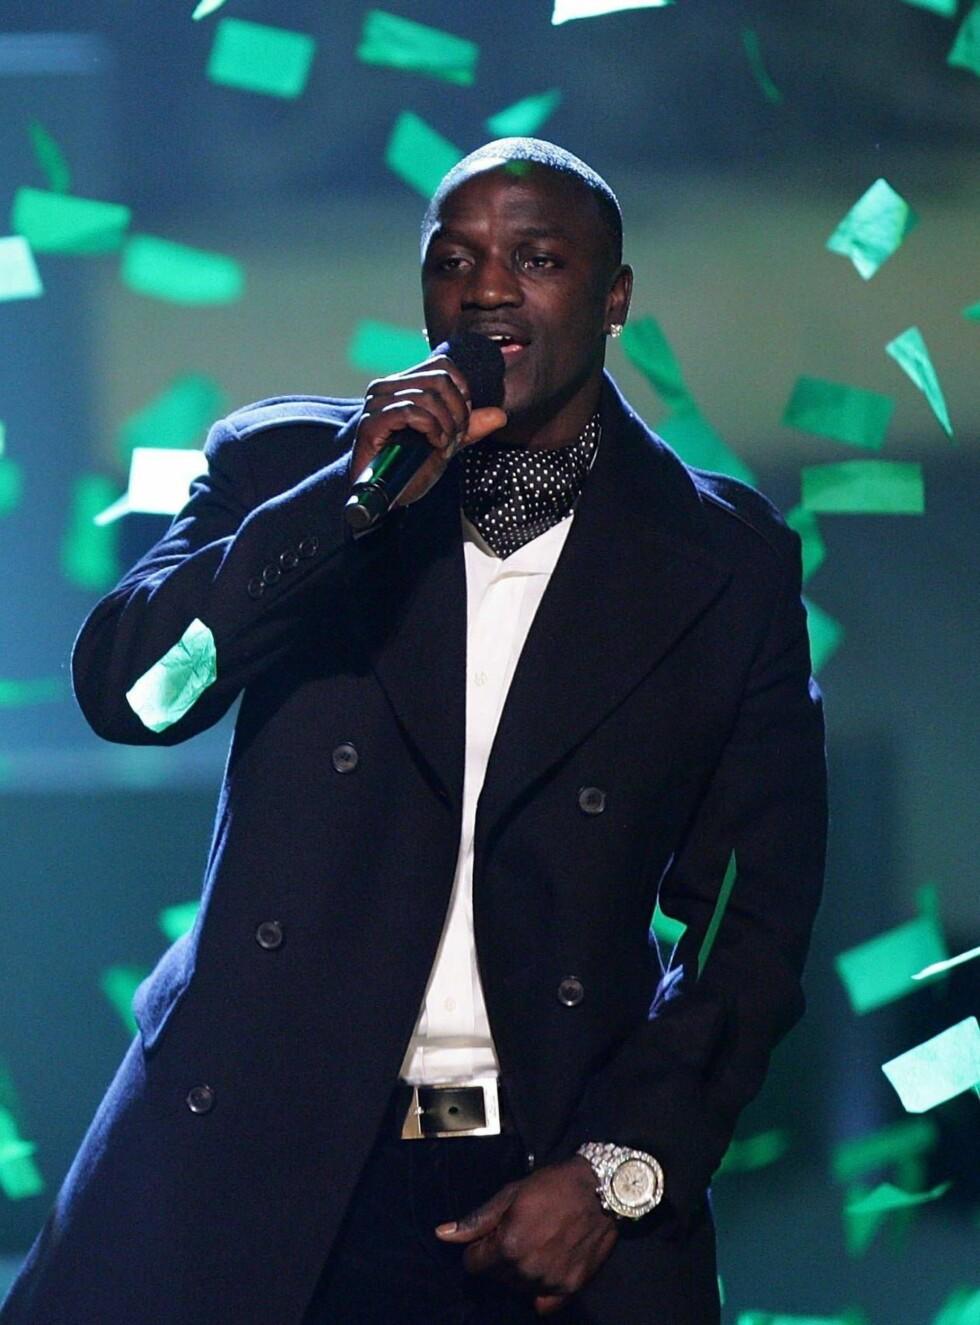 SJEKKER STILLINGEN: Akon med et godt grep om sin favorittdel av kroppen. Foto: All Over Press